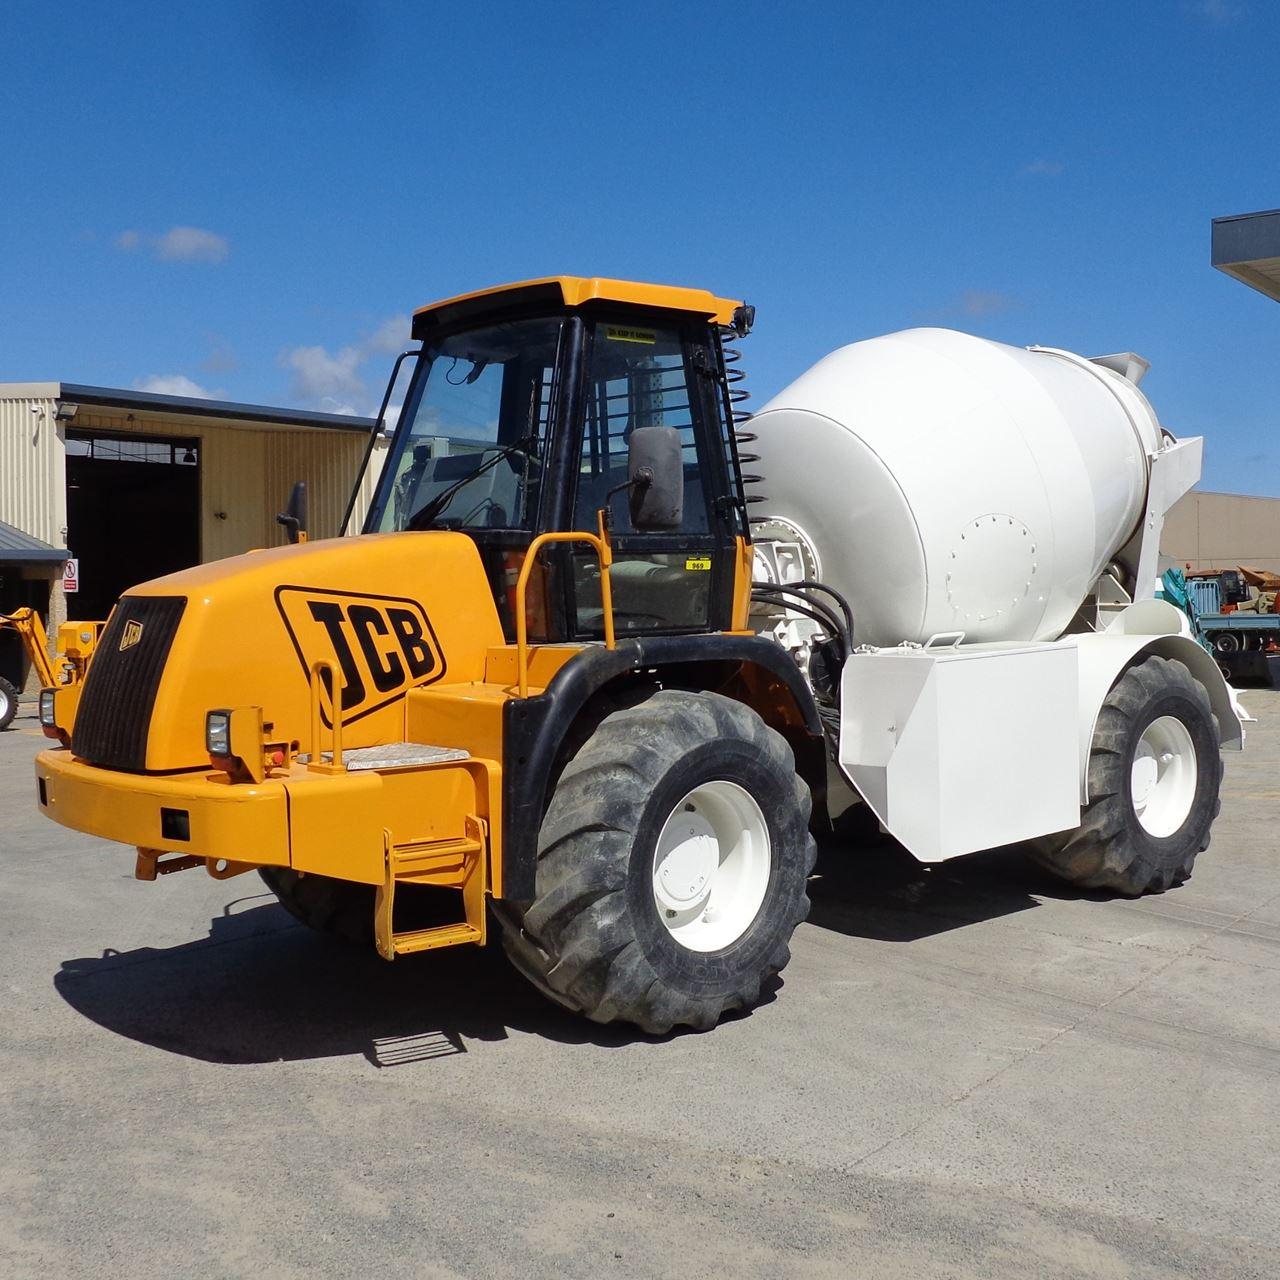 jcb macchine industriali - Pagina 2 0000433_off-road-concrete-mixer